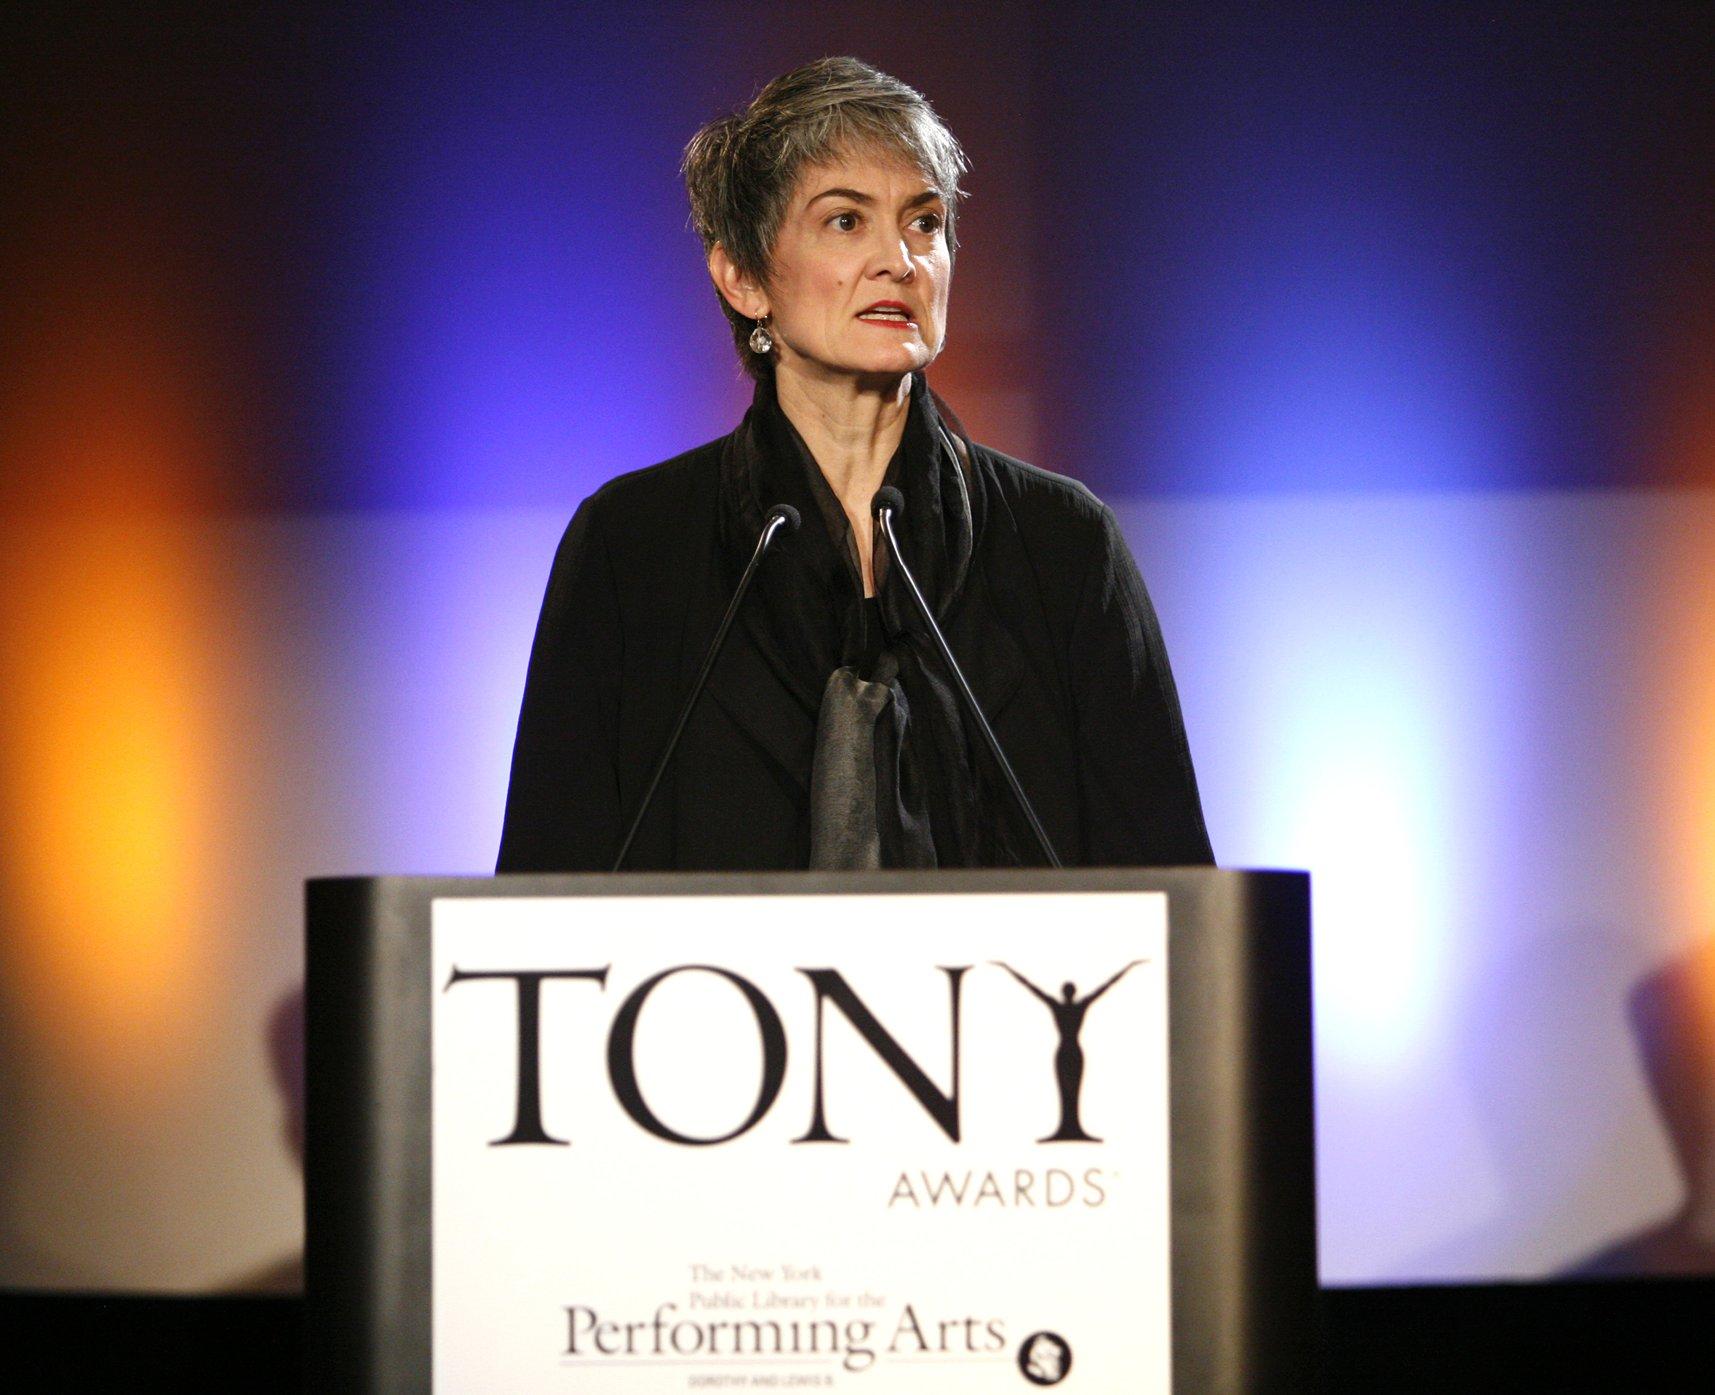 Nina Lannan | Tony Awards 2017 | Award Shows 2017